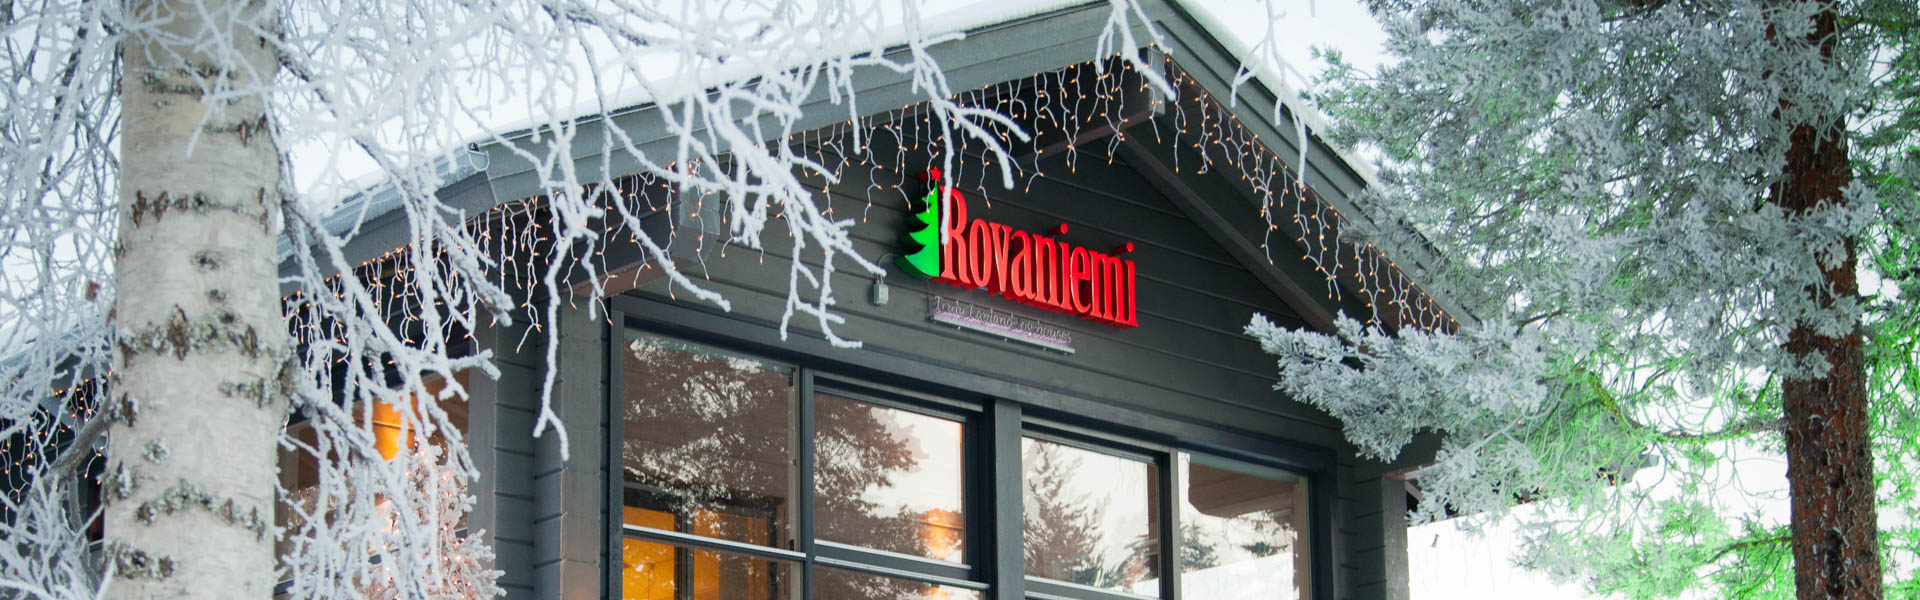 Rovaniemi Log House es un fabricante de casas de madera auténtica de la Laponia finlandesa.